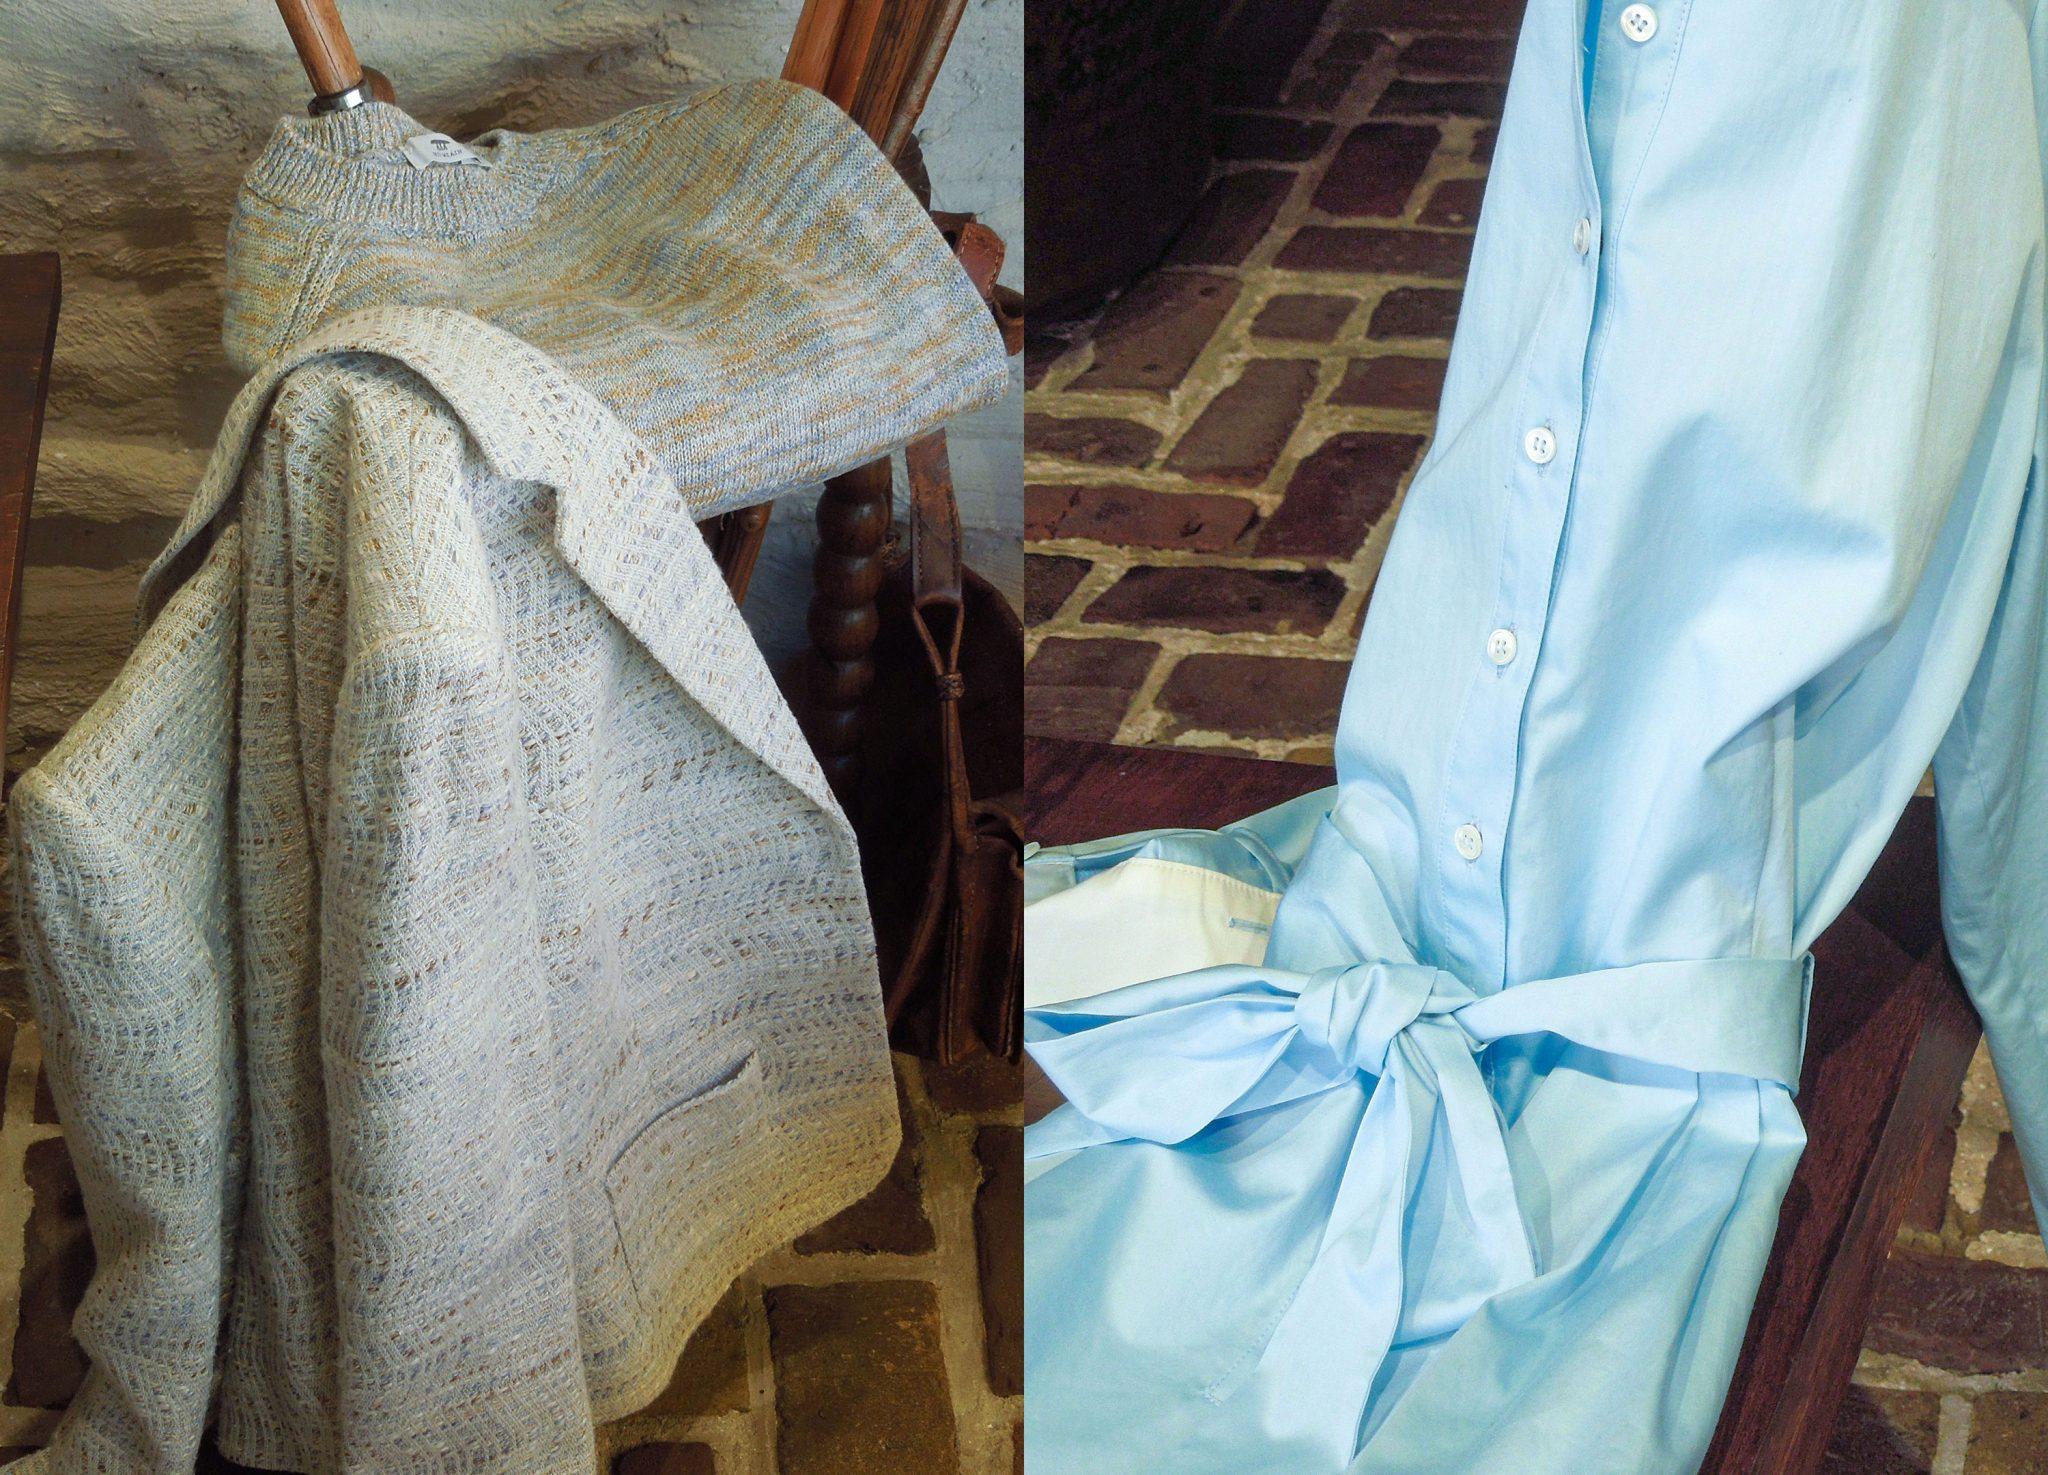 Lichtblauwe jurk – beige colbert – juni 2020